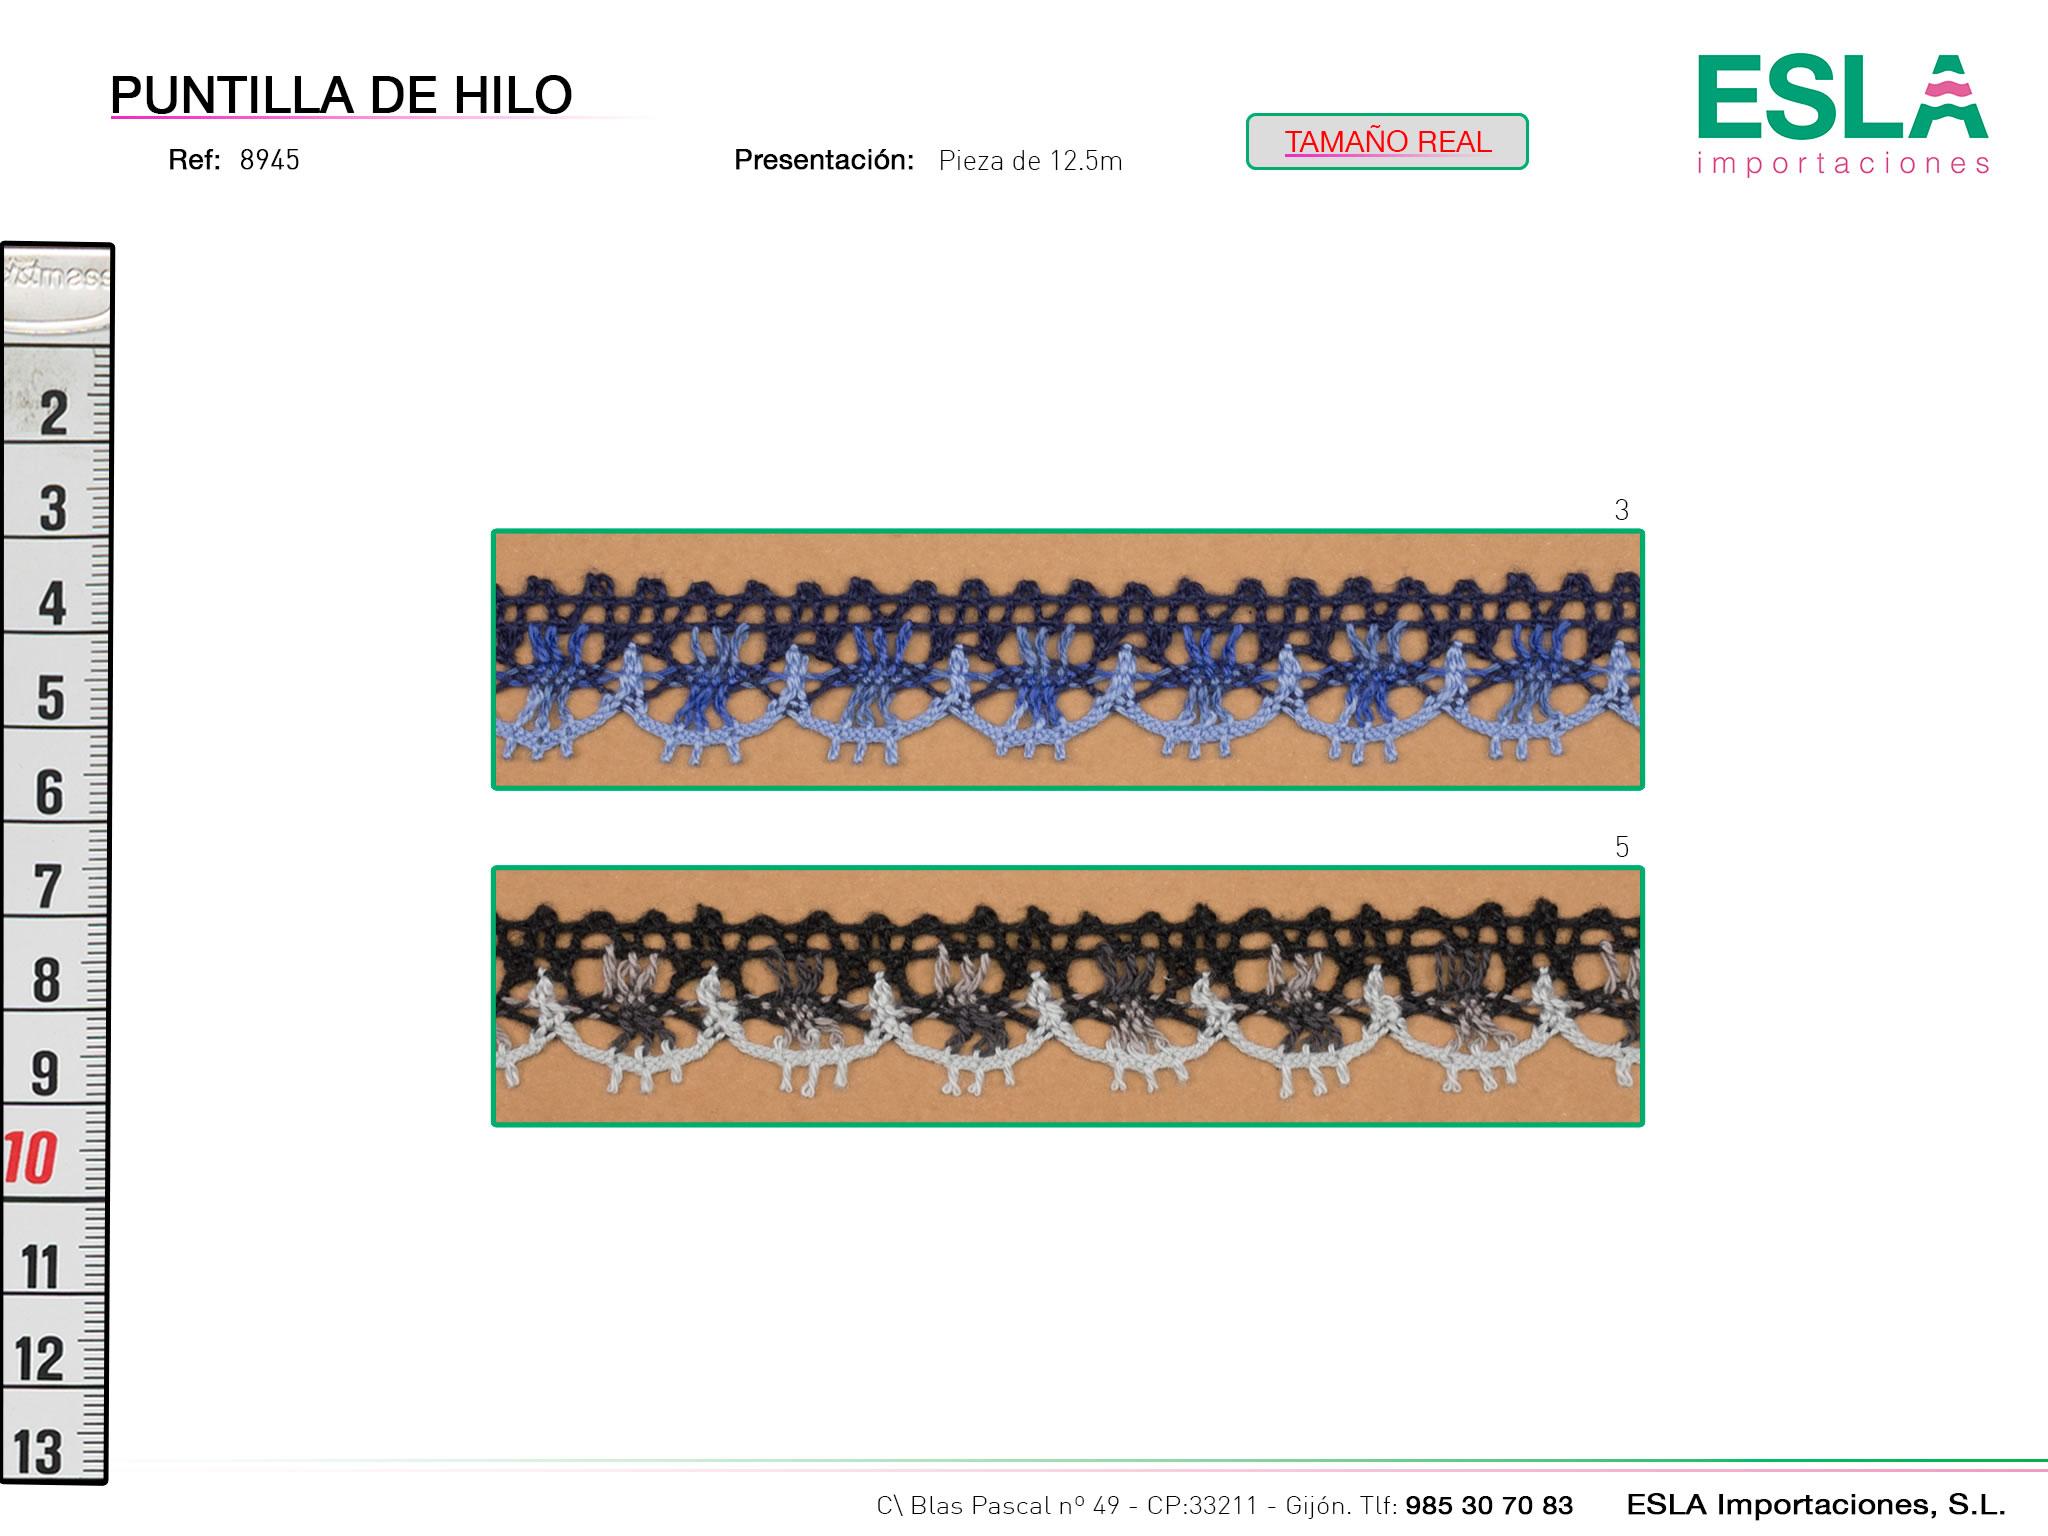 Puntilla de hilo de colores, Familia 8945, Ref 8945